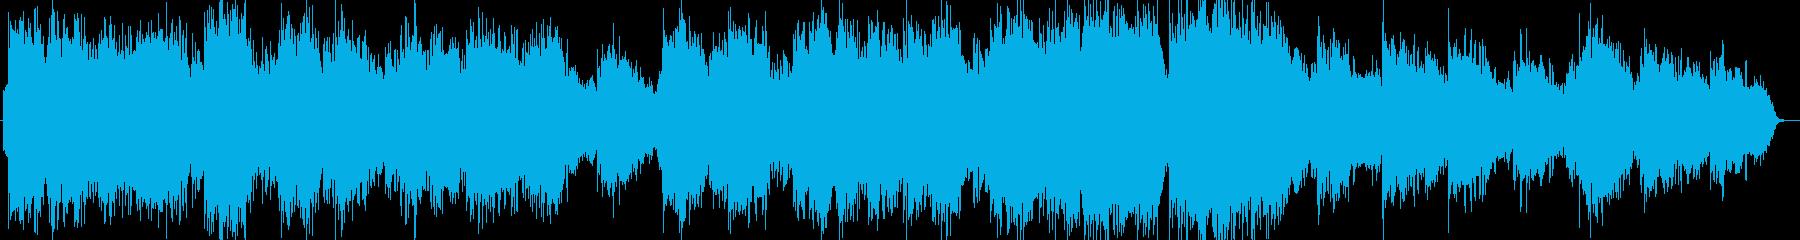 静かな笛のヒーリング音楽の再生済みの波形